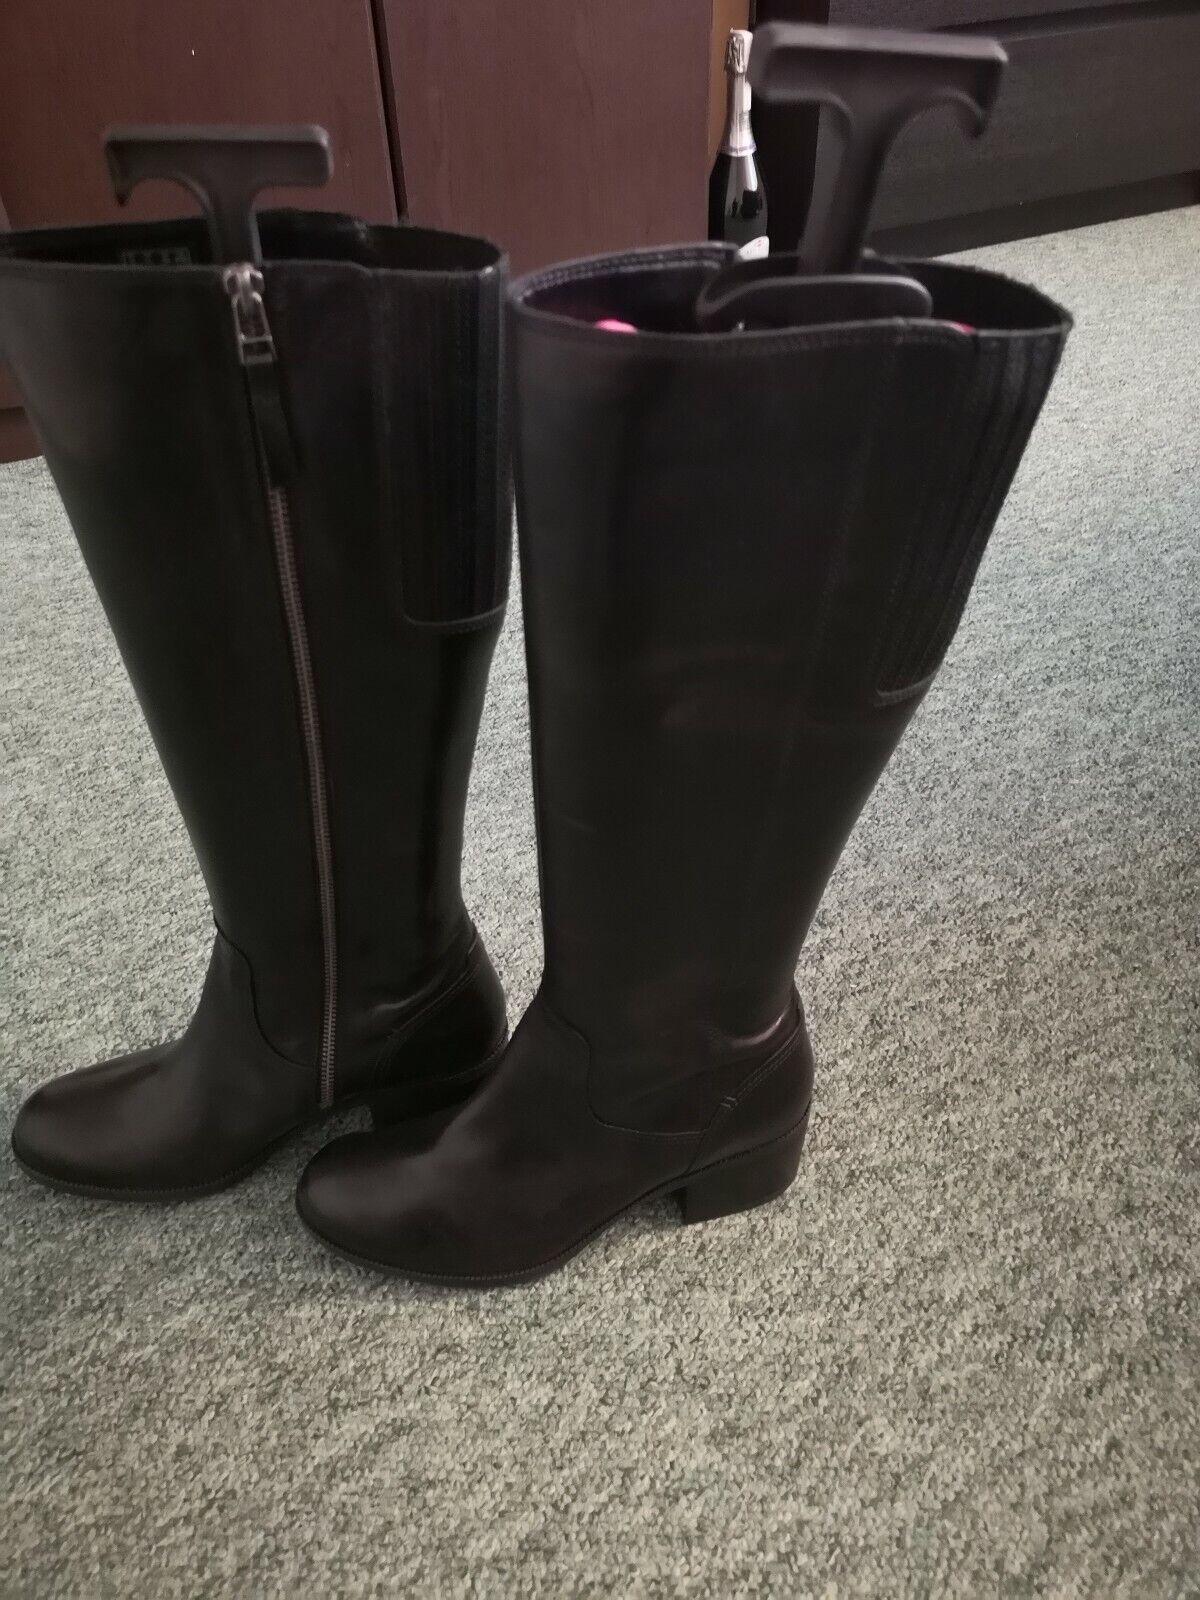 Ladies Ladies Ladies clarks boots size 5 931c75